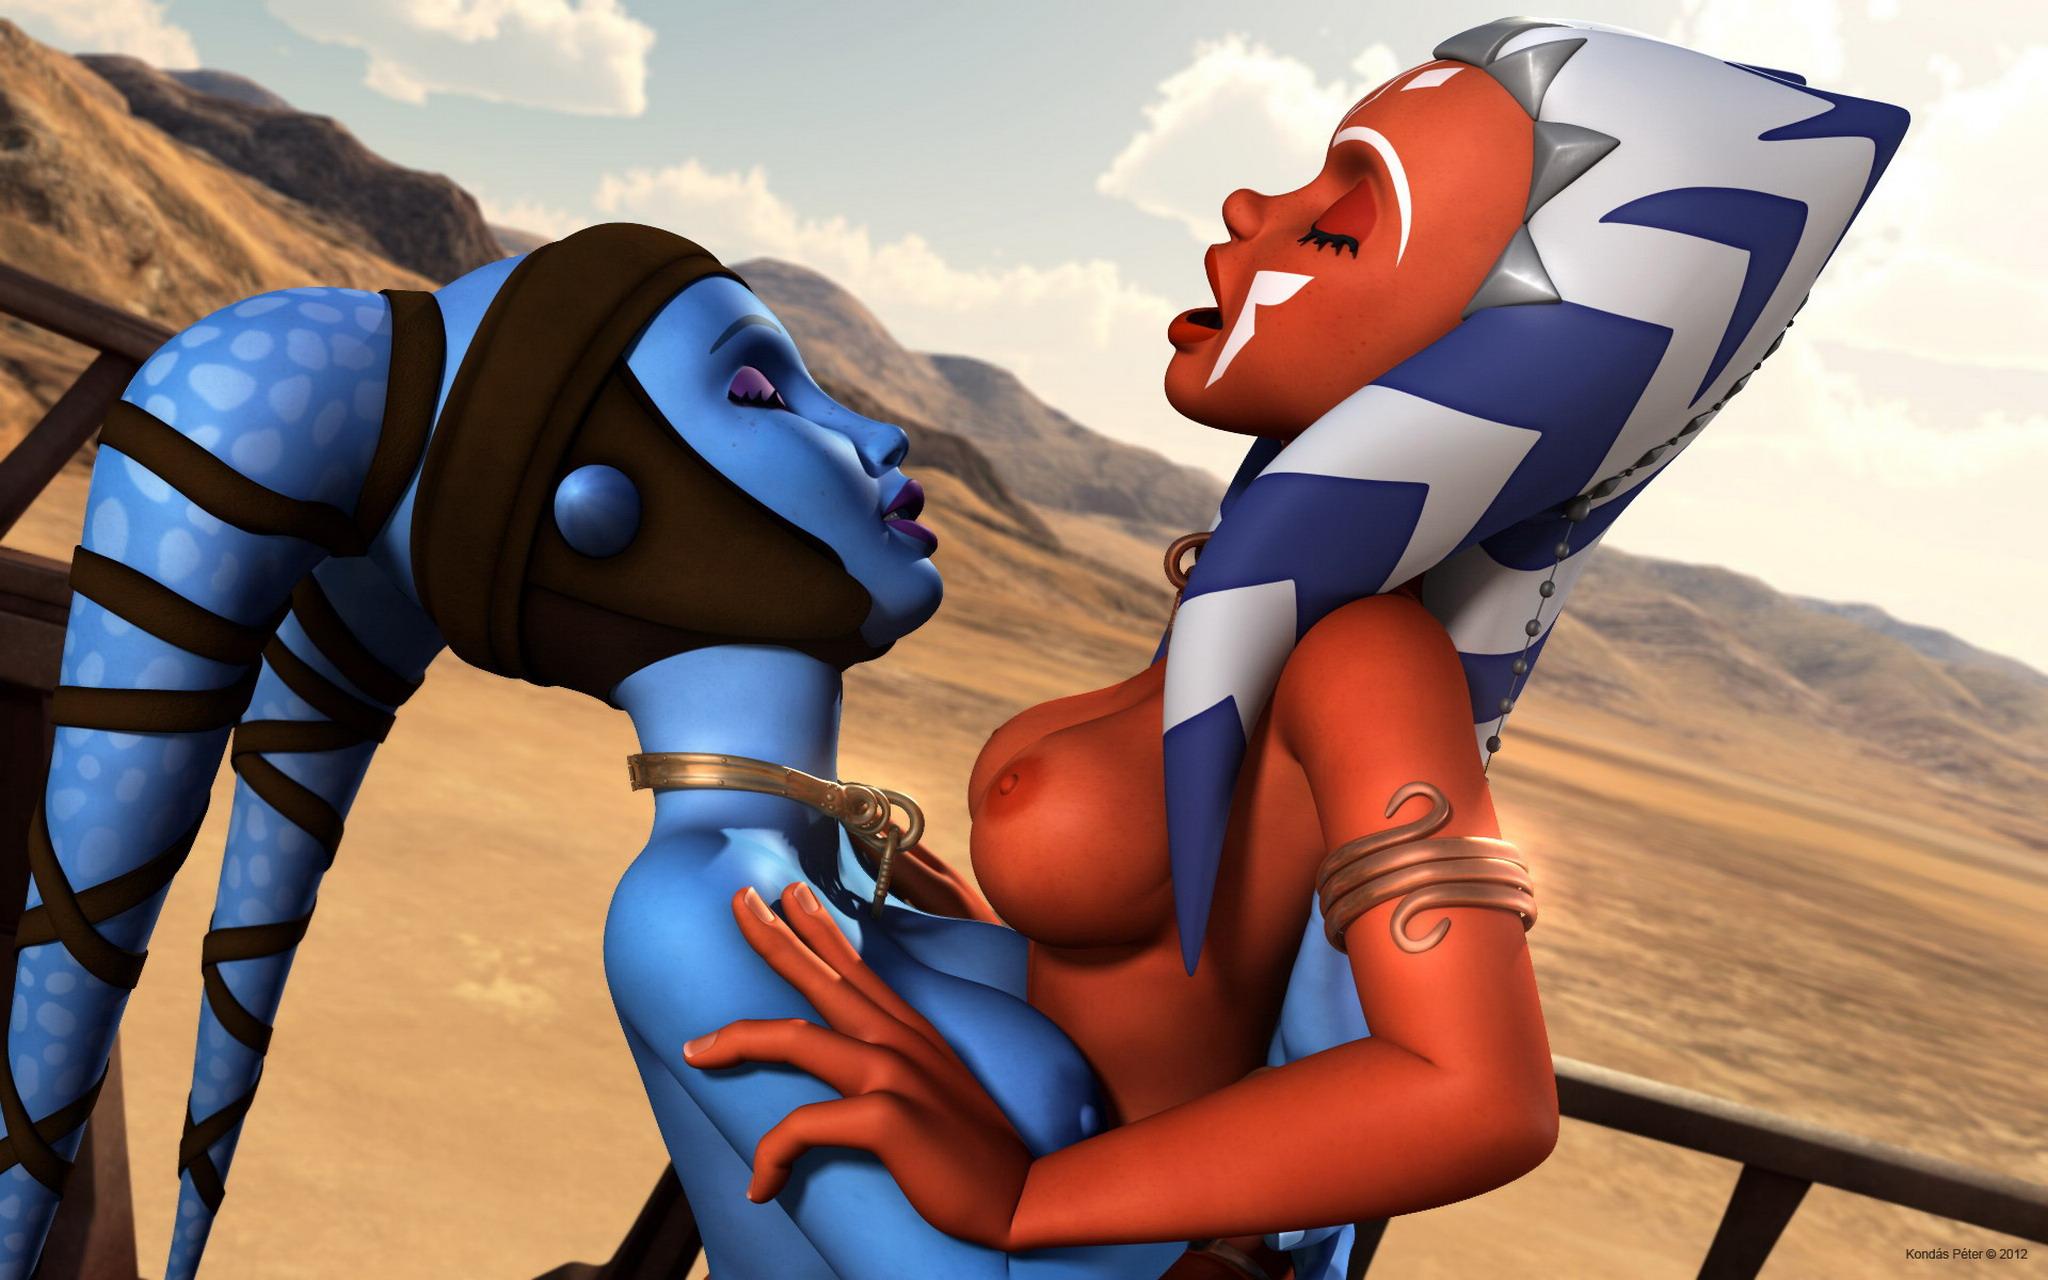 Star wars ahsoka tano aayla secura porn